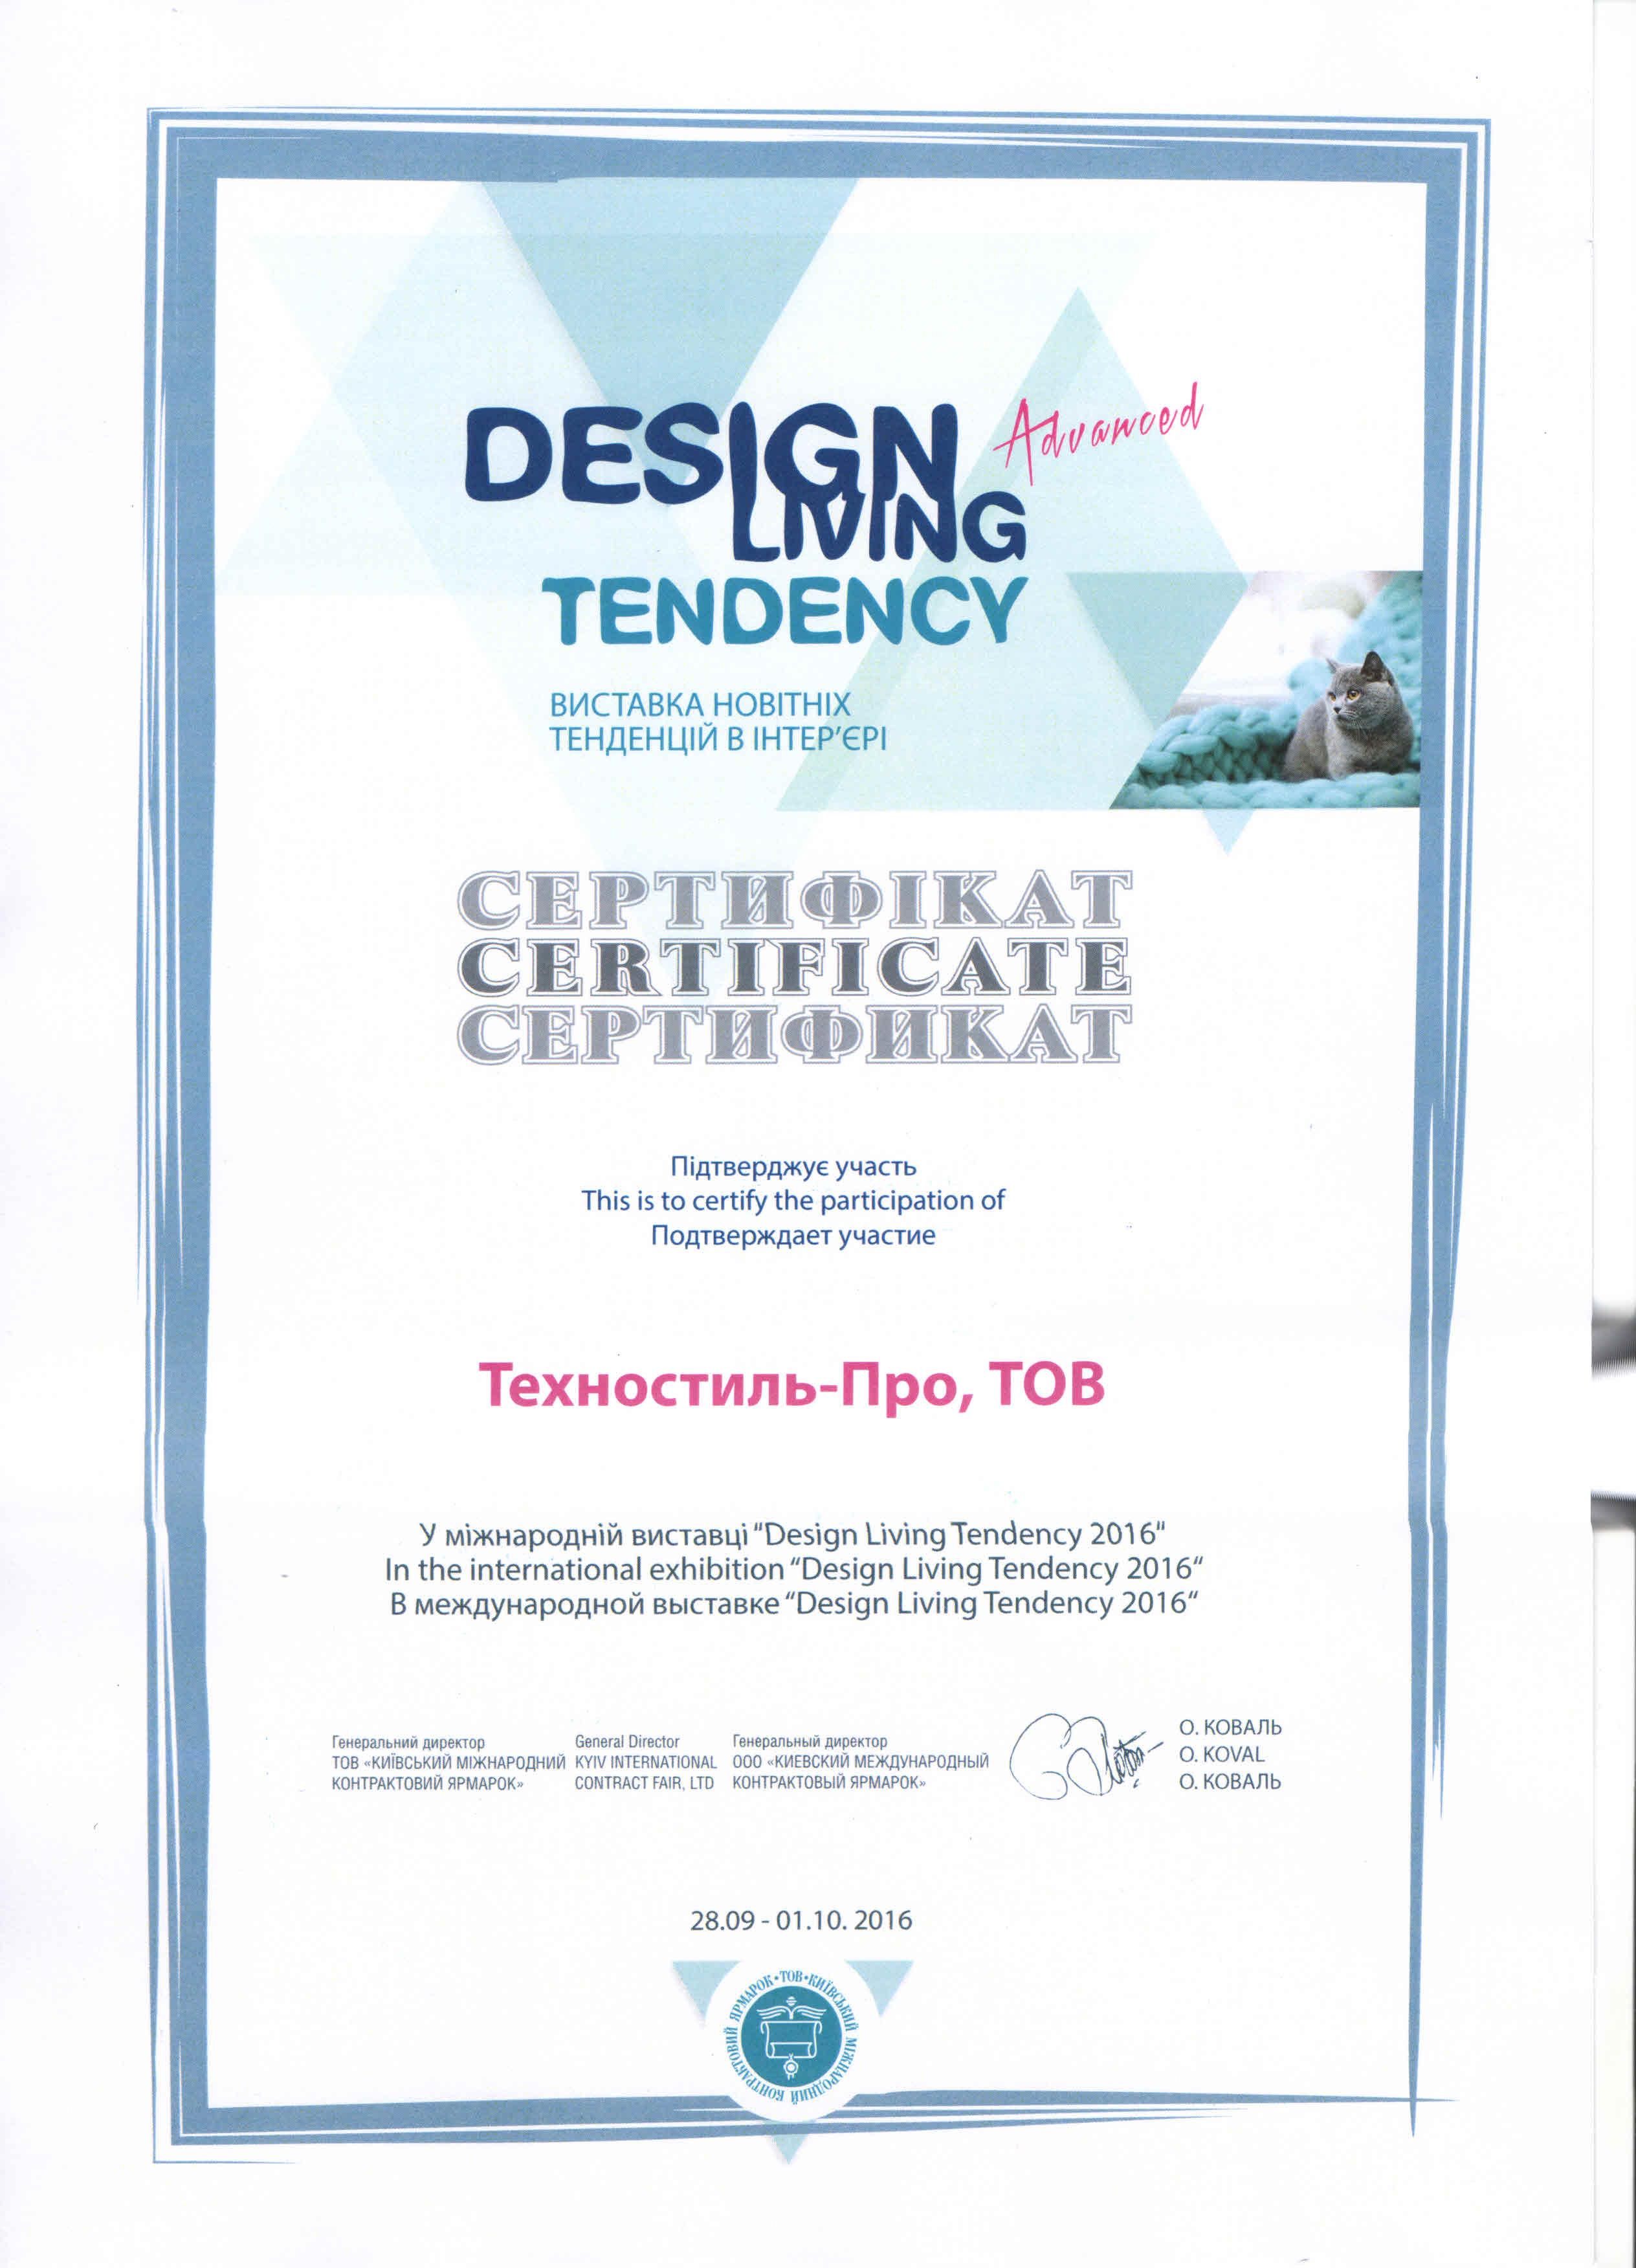 Сертификат Техностиль ПРО за участие в выставке Design Living Tendency2016